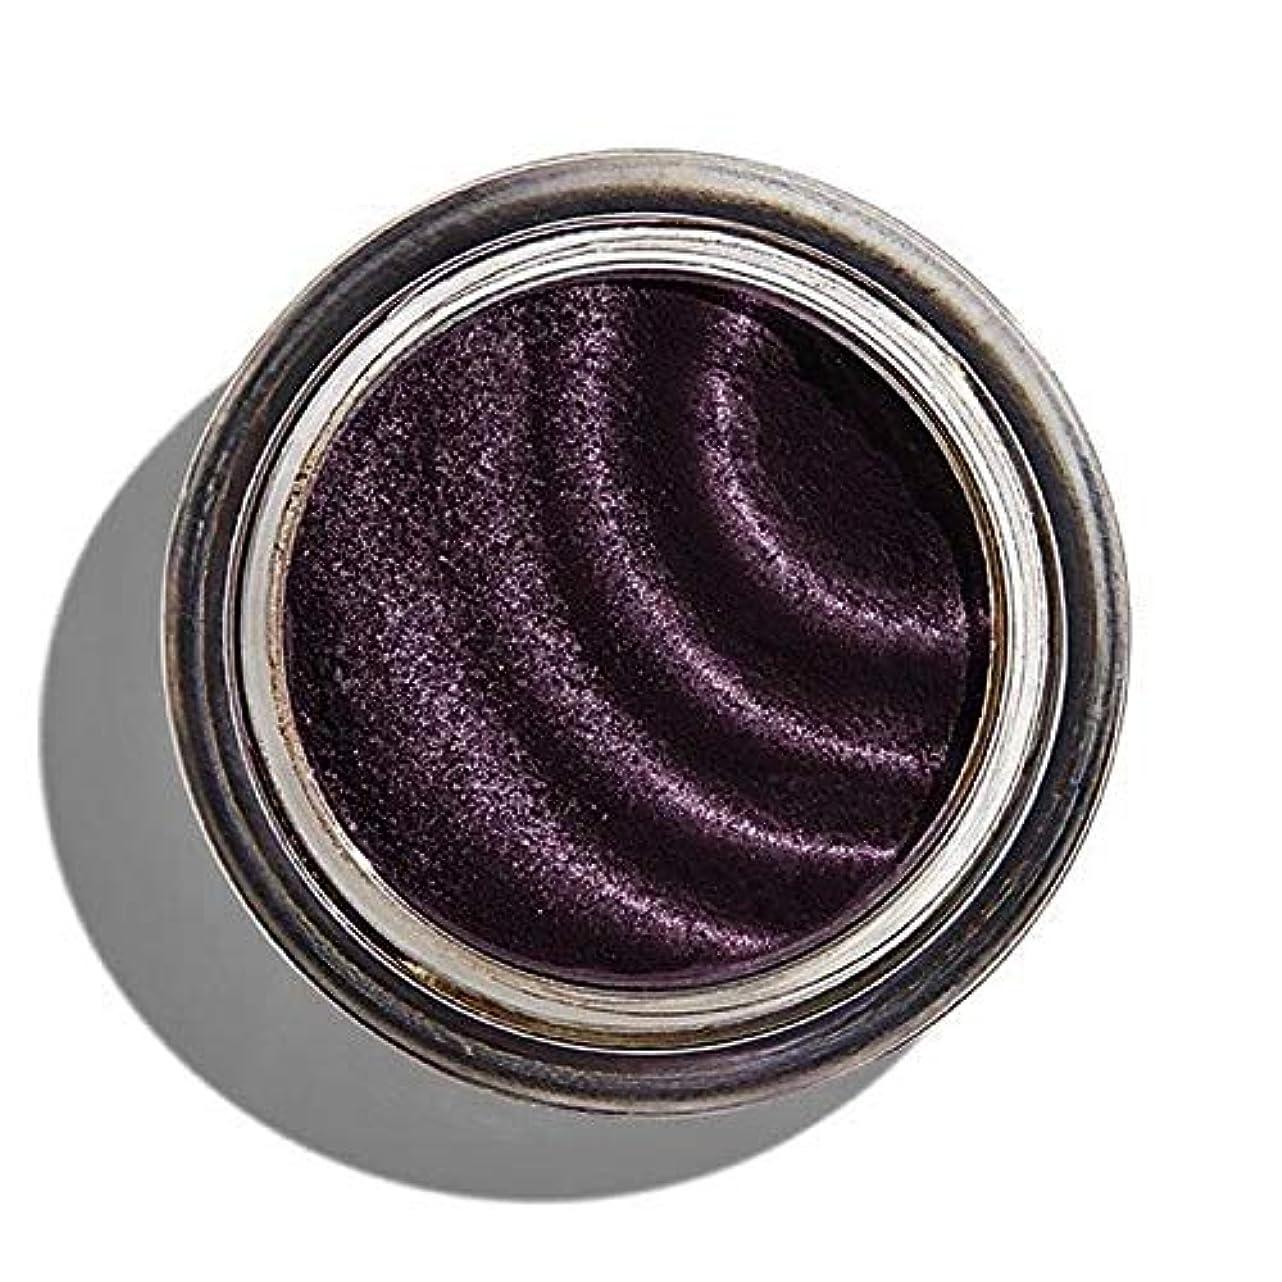 召喚する手書き追い越す[Revolution ] 化粧革命磁化のアイシャドウブラウン - Makeup Revolution Magnetize Eyeshadow Brown [並行輸入品]